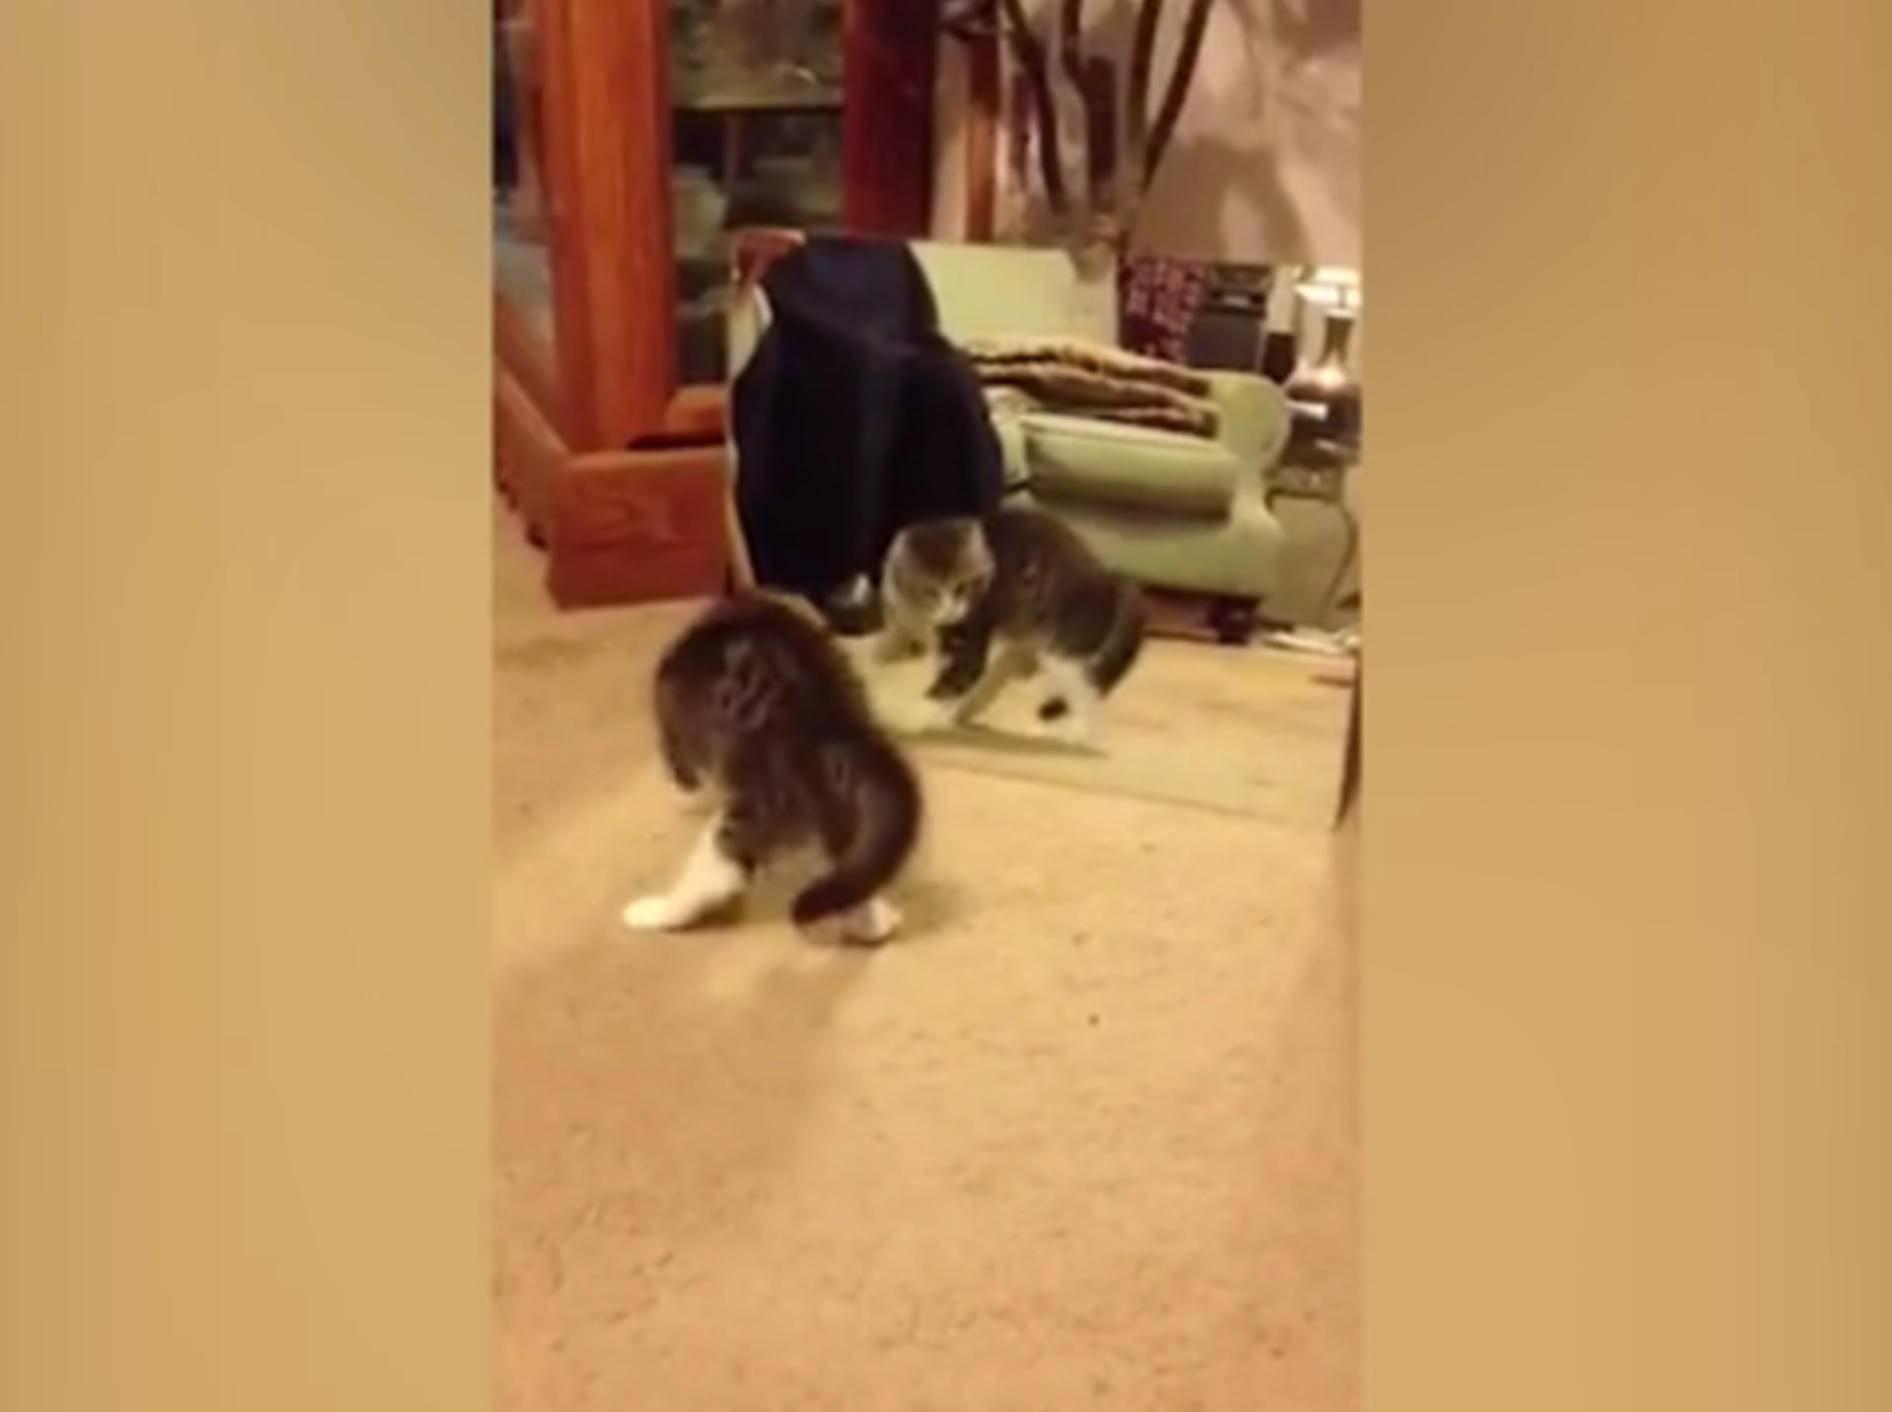 Diese kleine Katze erschreckt sich ziemlich vor ihrem Spiegelbild – YouTube / Kyoot Animals